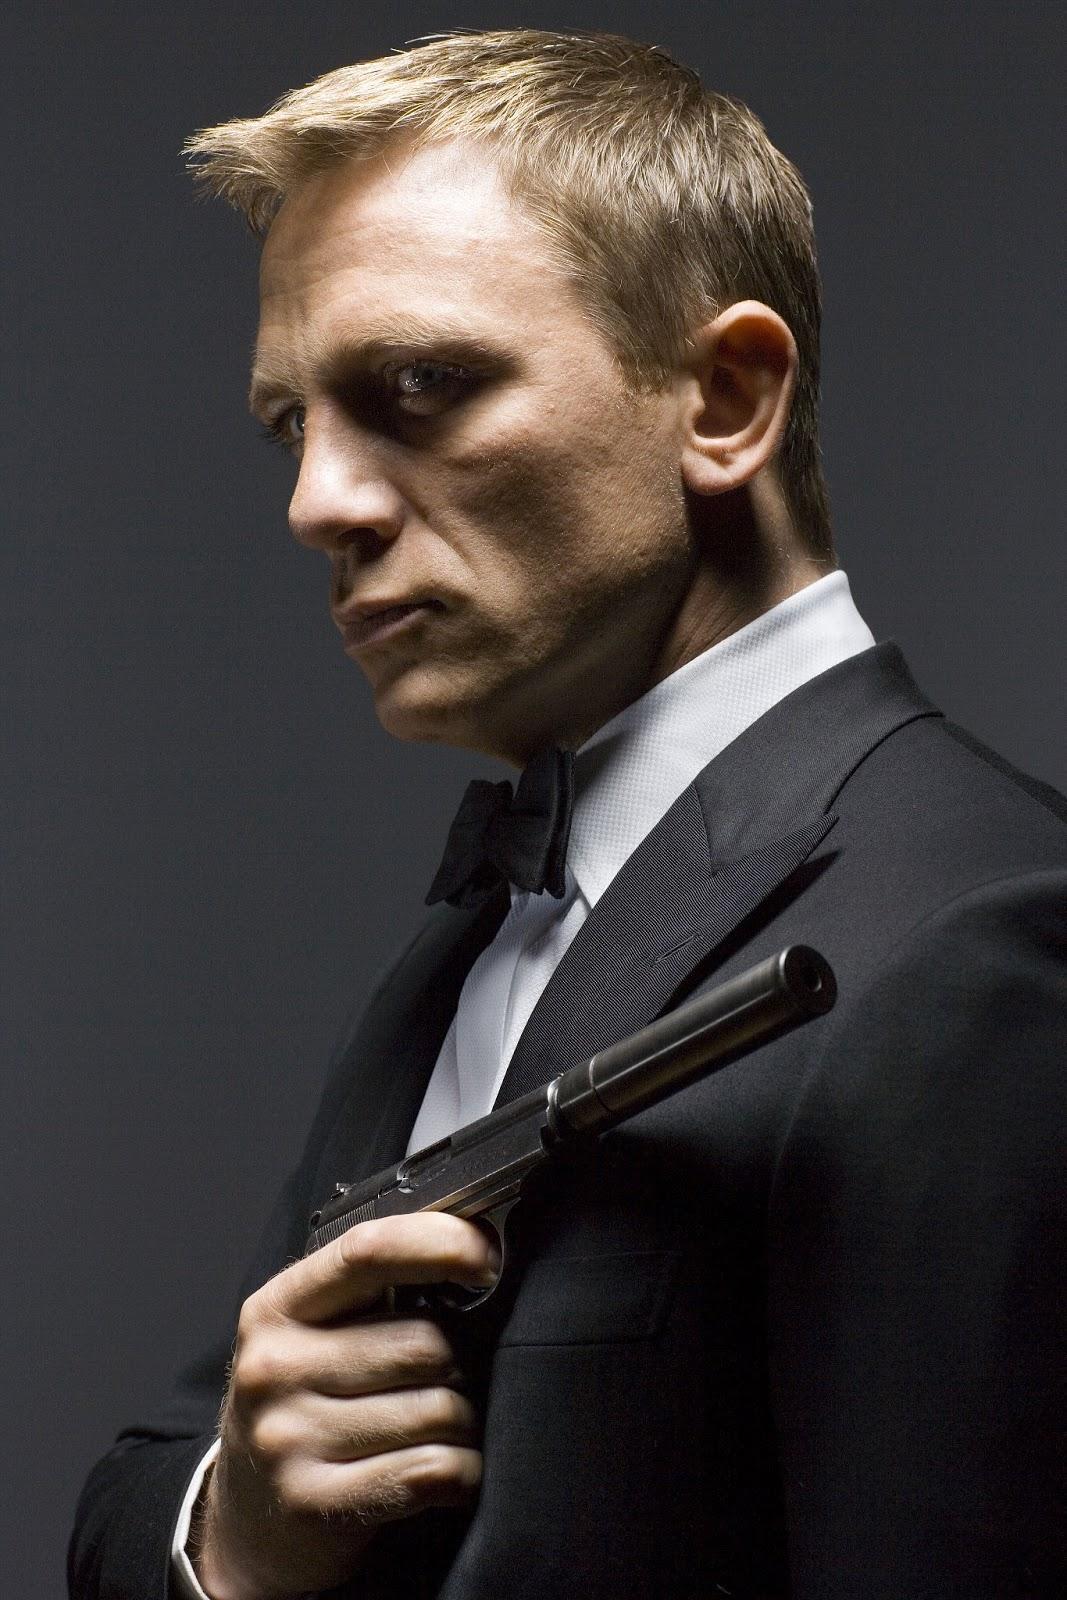 http://4.bp.blogspot.com/-miydU9w_l0I/UKGeuEzhBQI/AAAAAAAAAFU/c7JTWGMNNEo/s1600/daniel-craig-as-james-bond.jpg